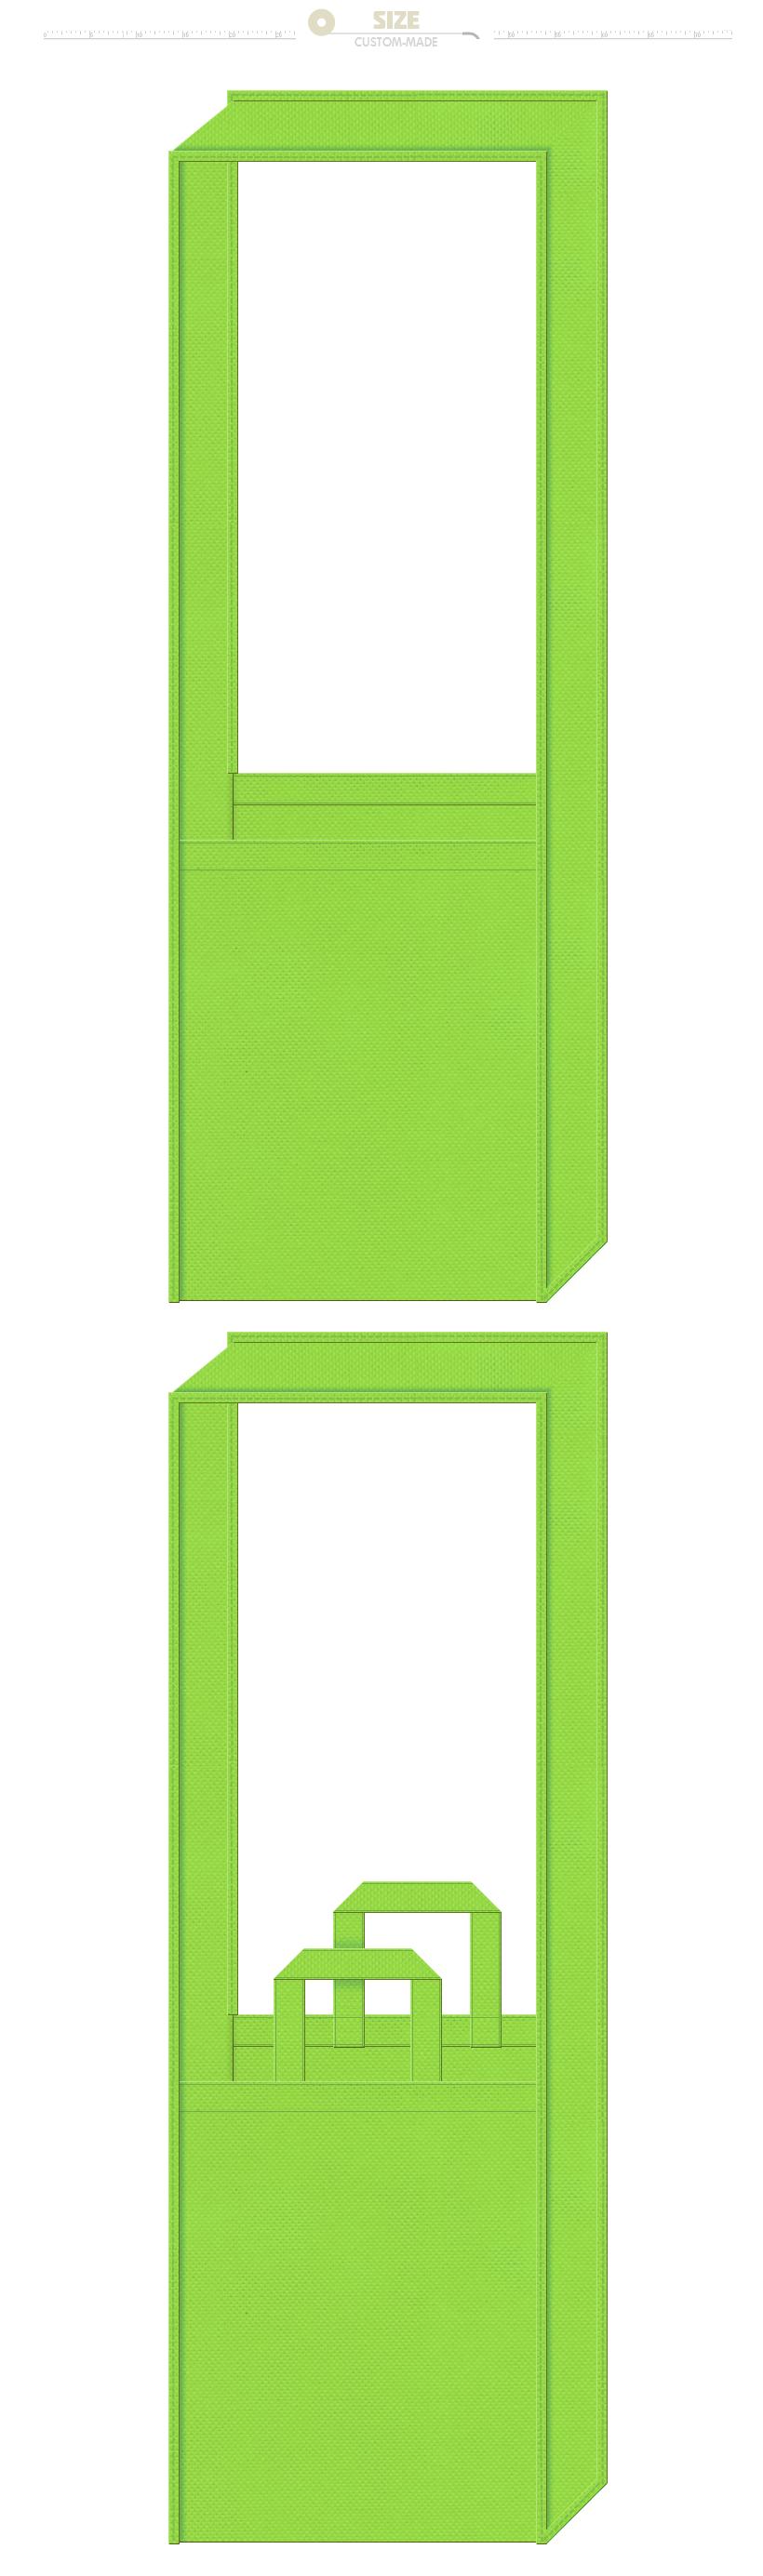 黄緑色の不織布ショルダーバッグ